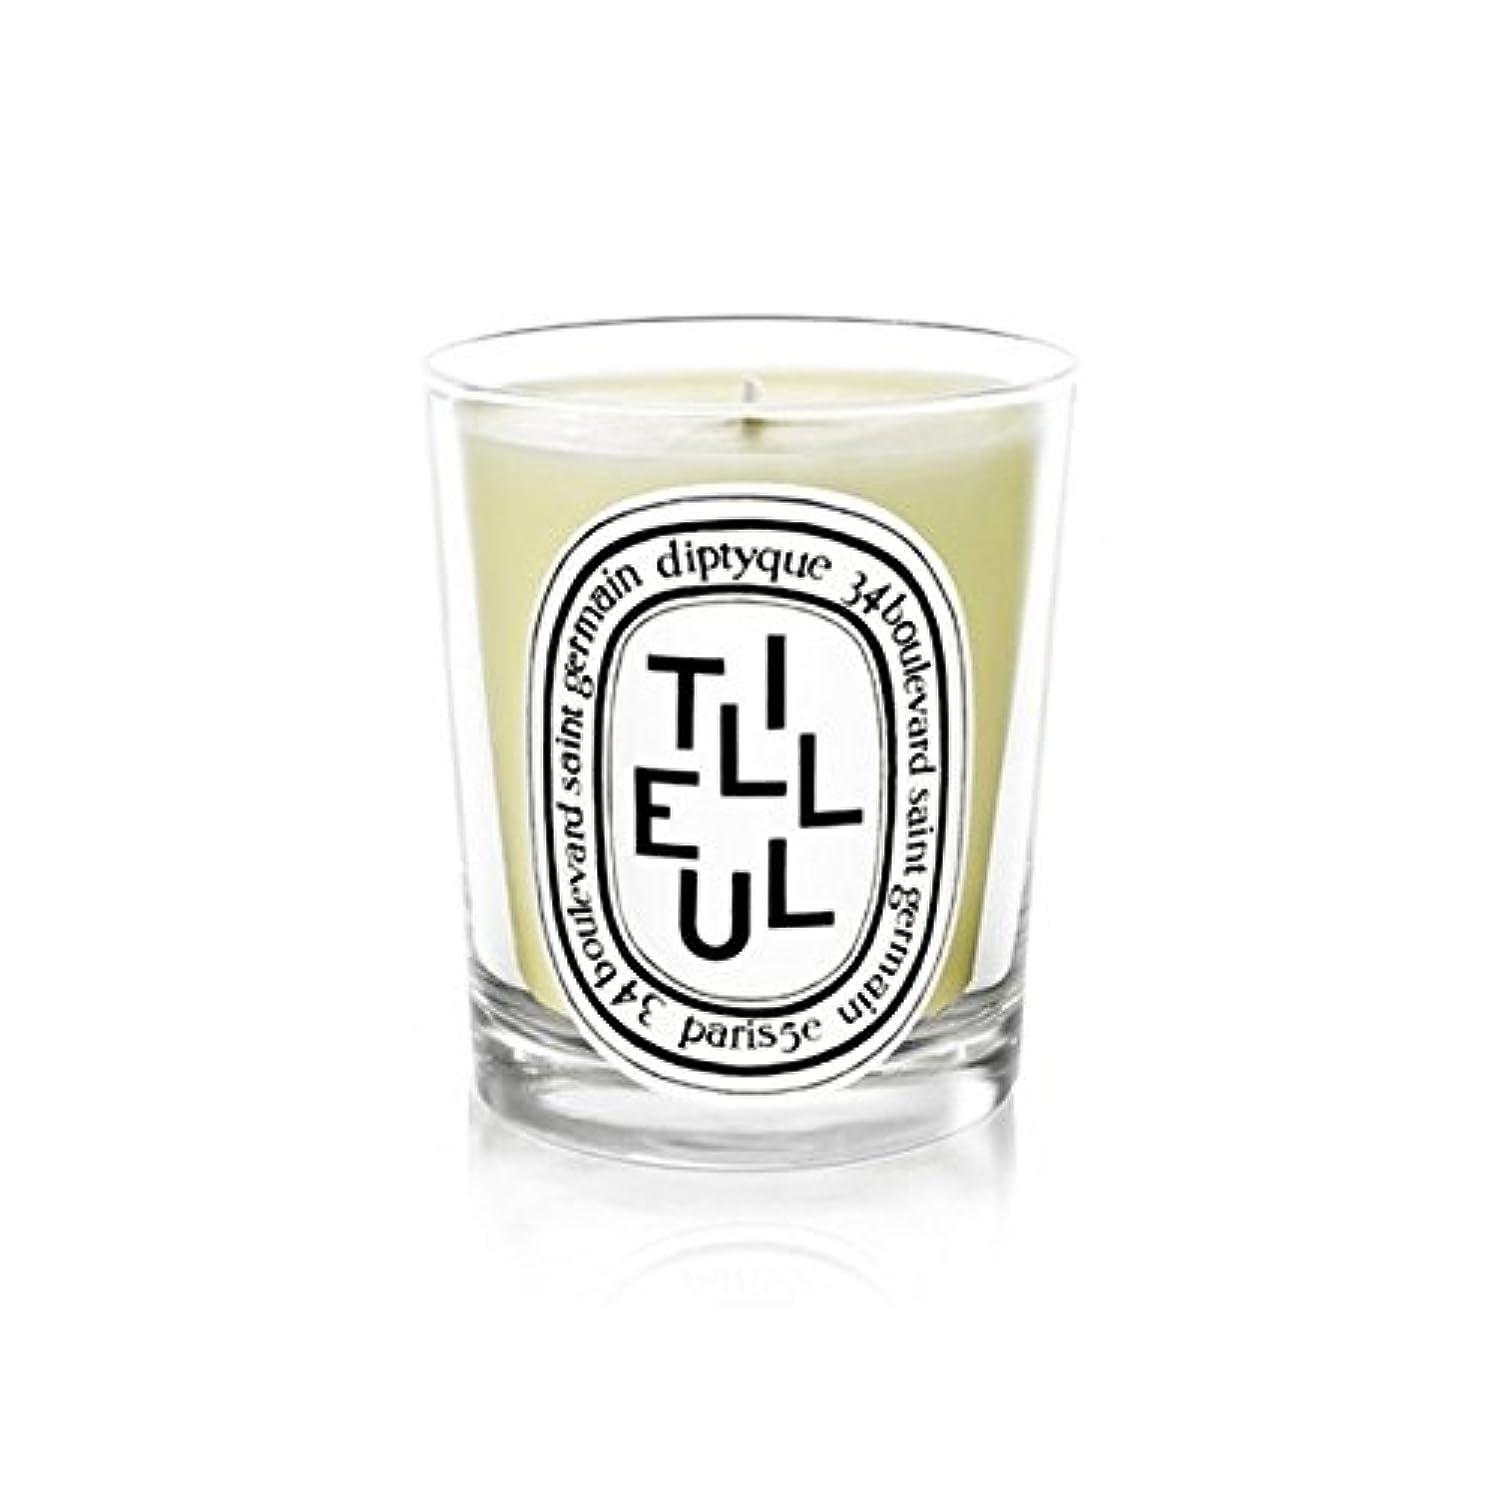 マンハッタンタイマー感性Diptyque Candle Tilleul / Linden Tree 190g (Pack of 2) - DiptyqueキャンドルTilleulの/菩提樹の190グラム (x2) [並行輸入品]